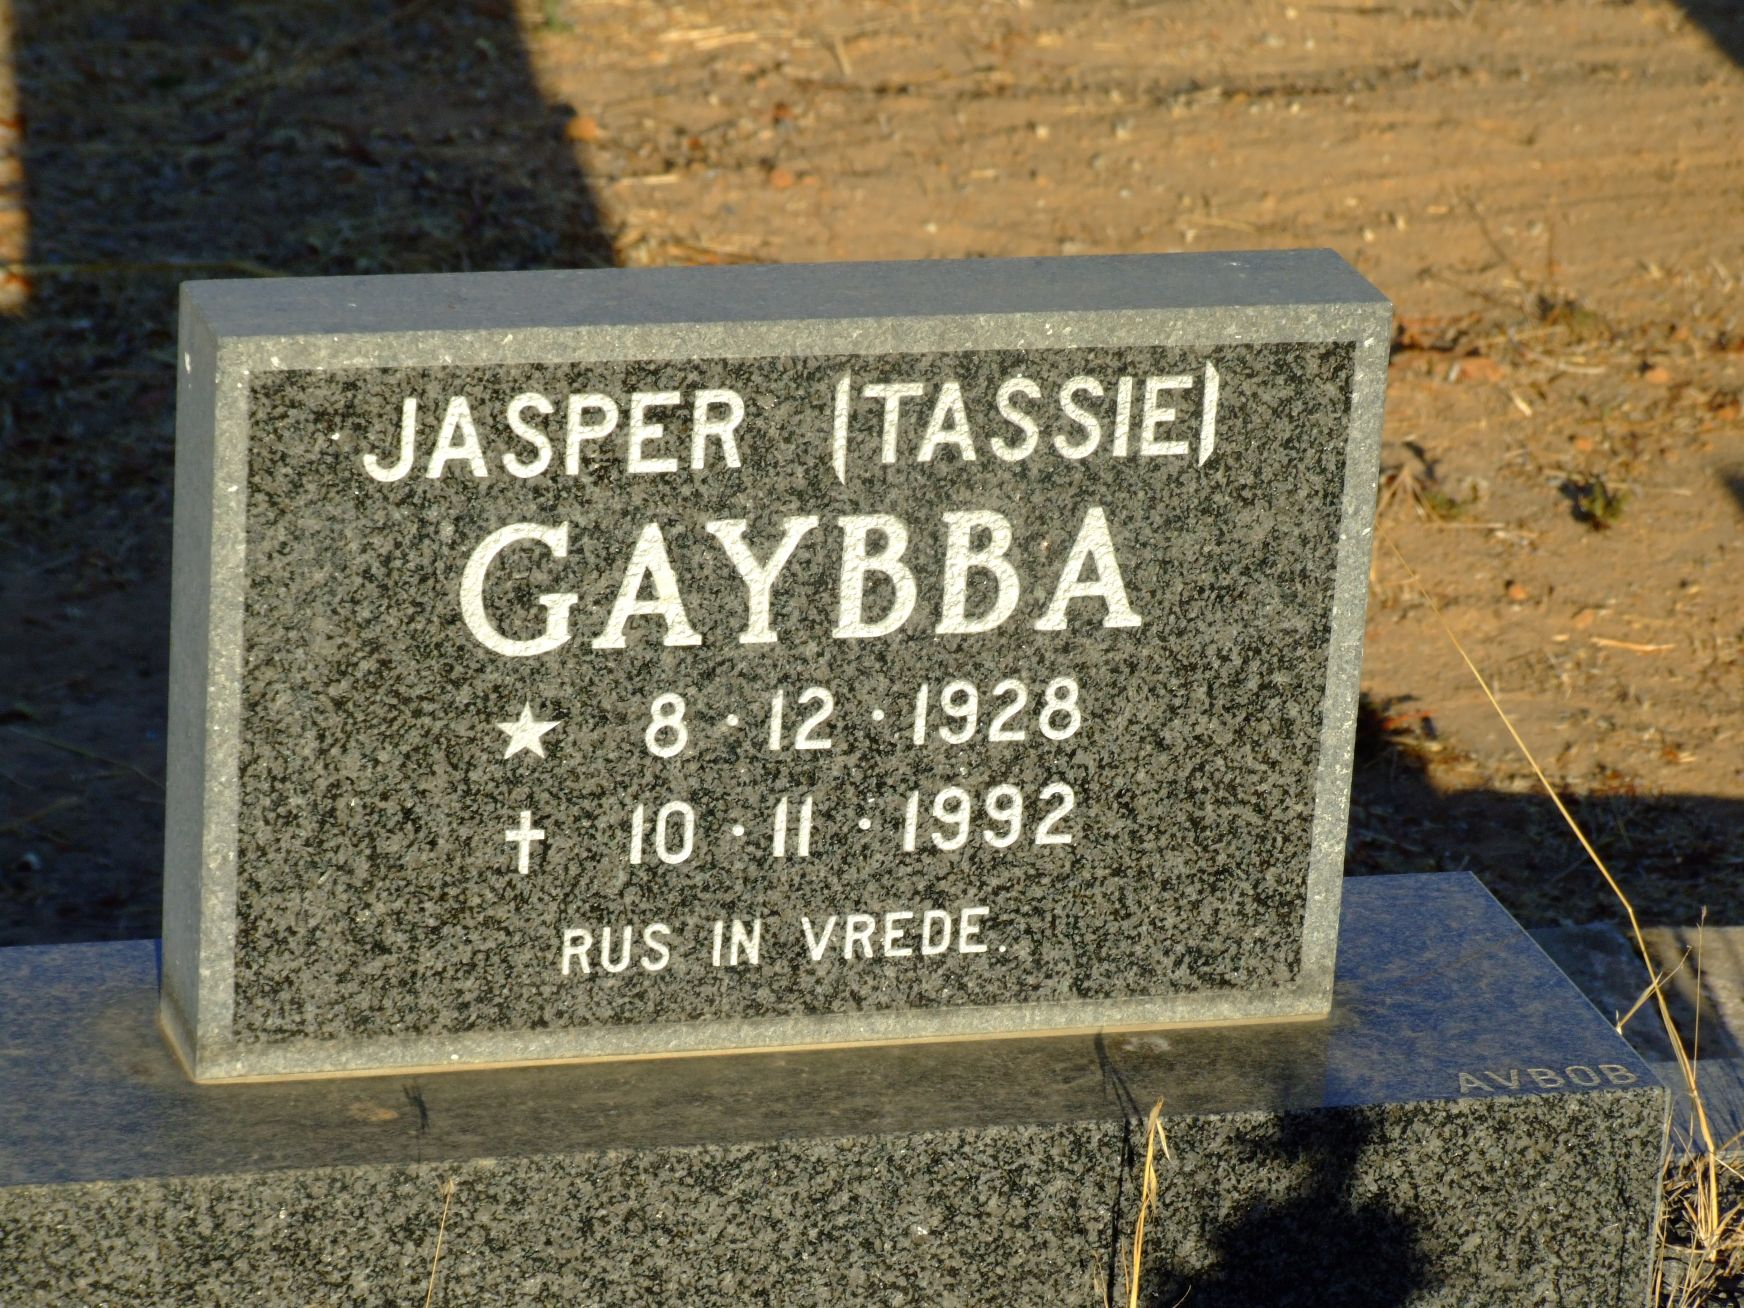 Gaybba, Jasper (Tassie)